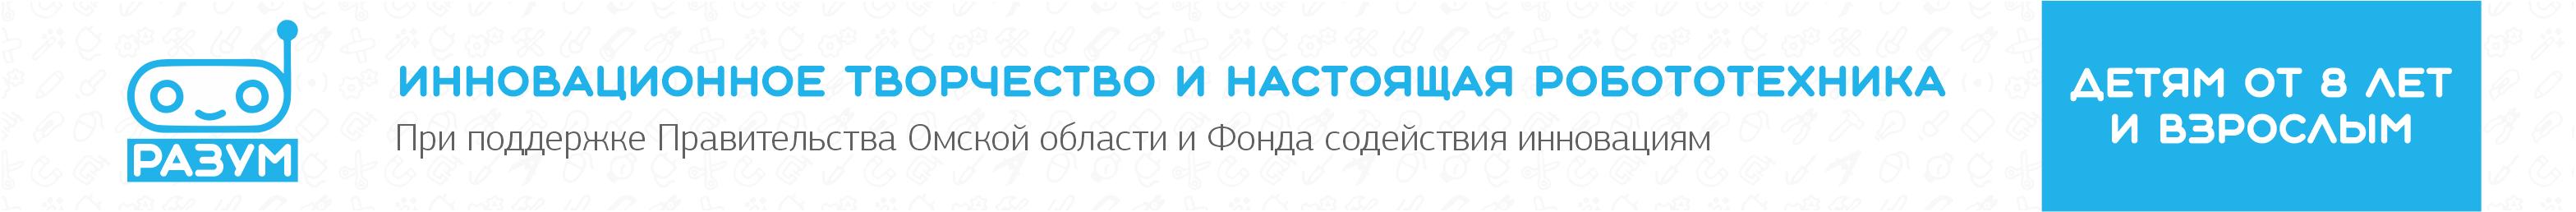 Центр РАЗУМ | Робототехника и программирование в Омске